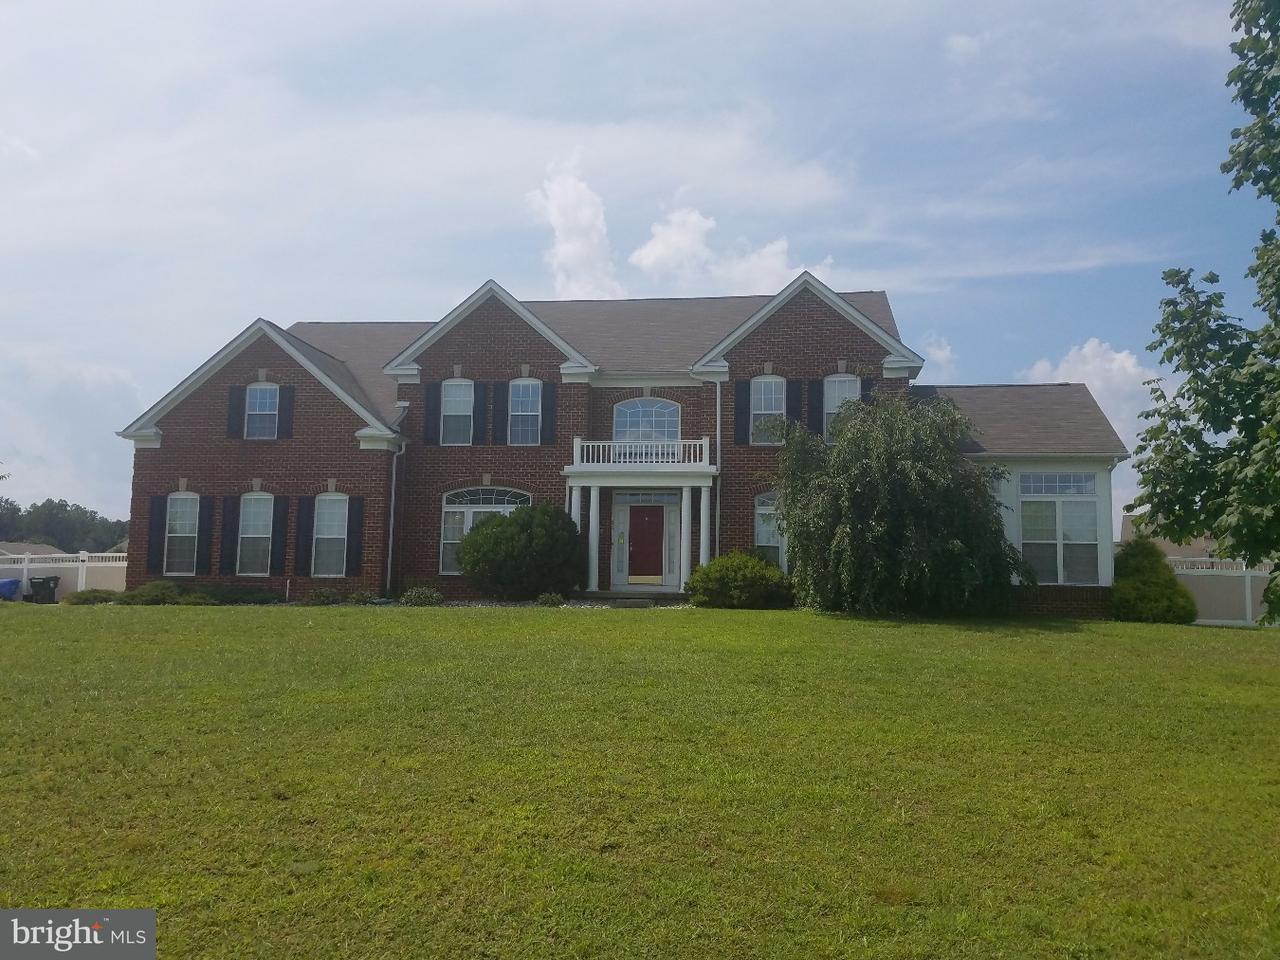 Maison unifamiliale pour l Vente à 34 KRISTEN Lane Mantua, New Jersey 08051 États-Unis